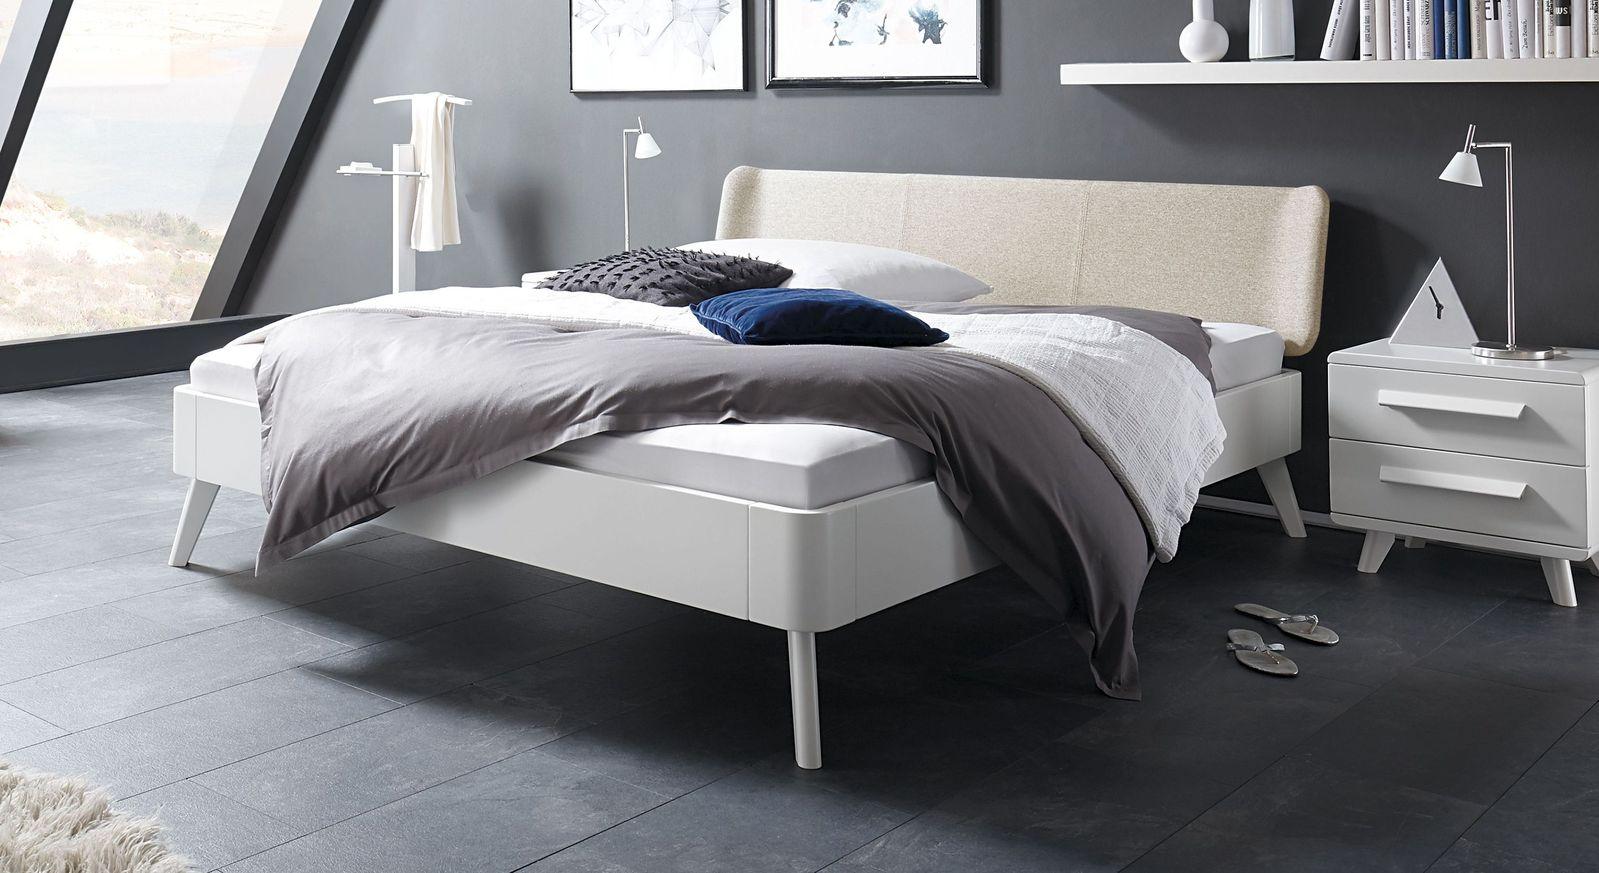 Wei es buchenbett mit kopfteil in fischgr t velours pori for Moderne einzelbetten